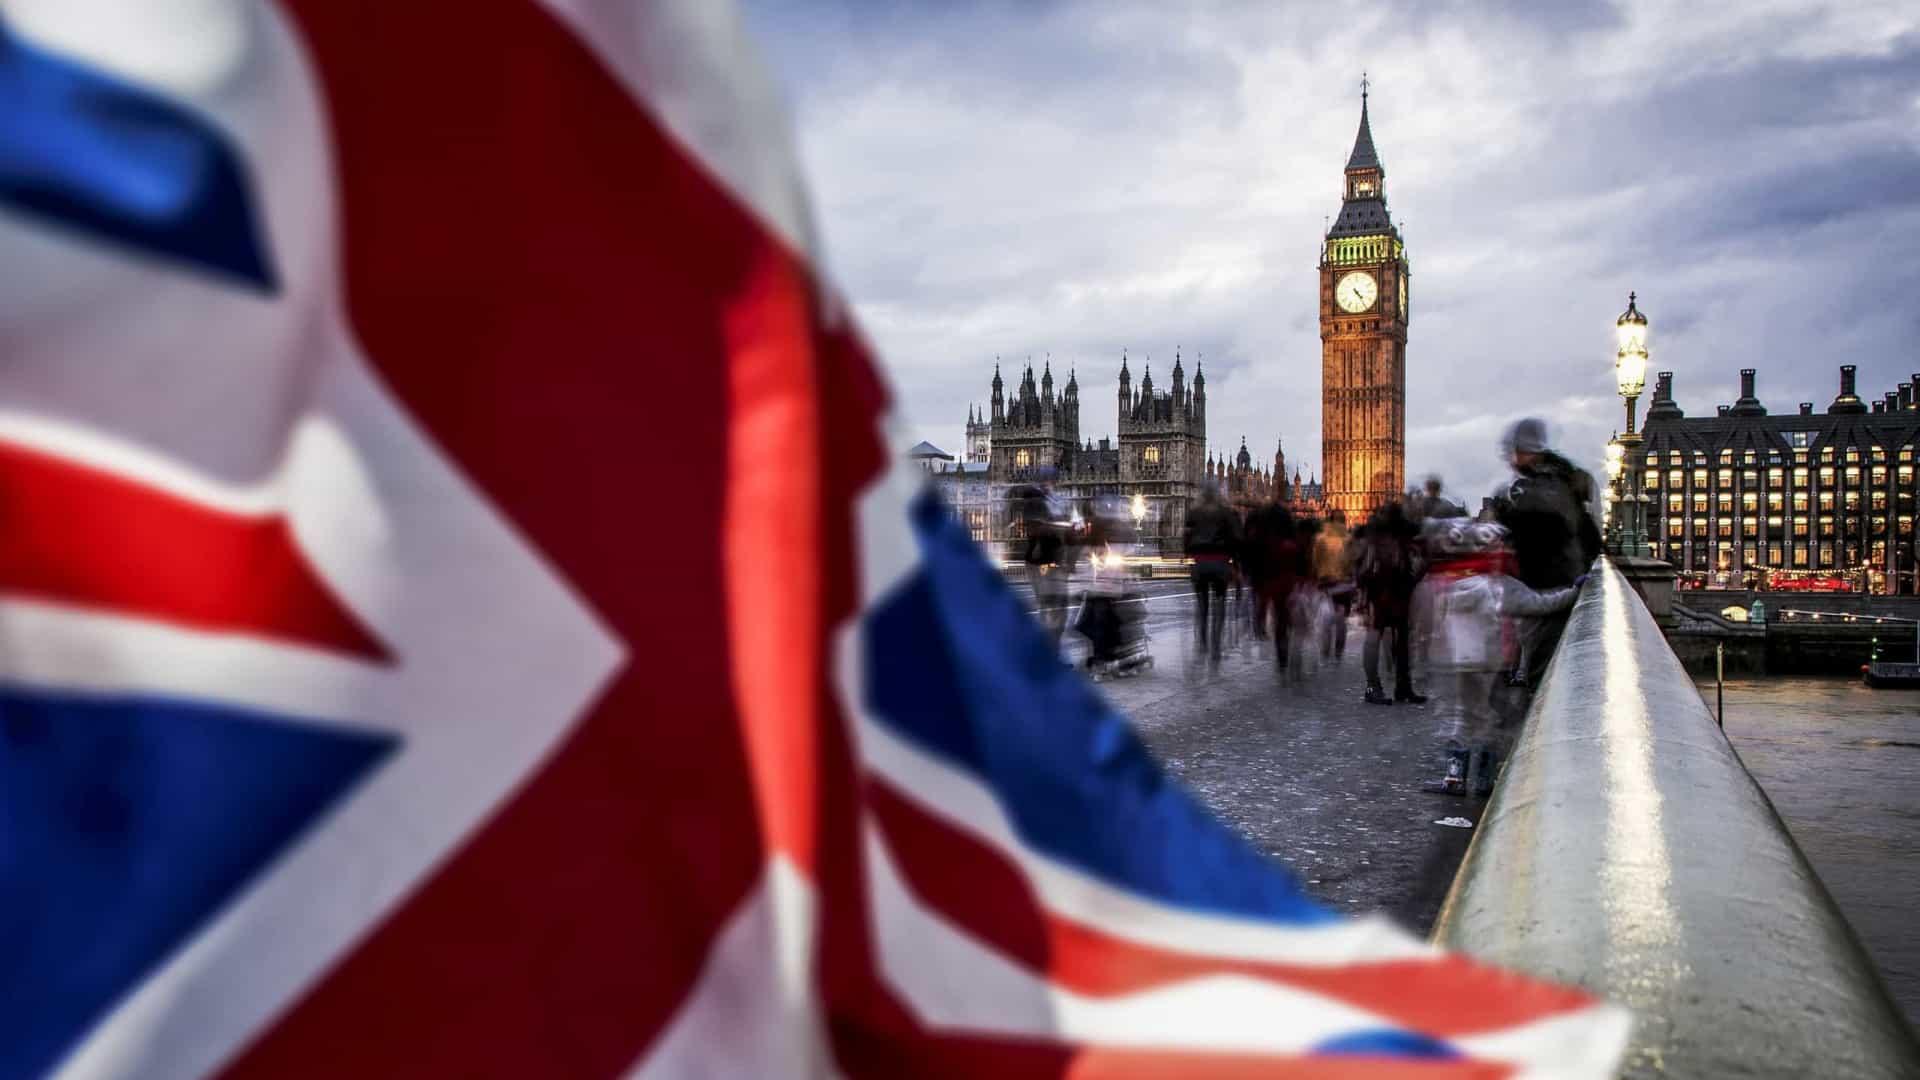 Portugueses sem estatuto de residente no Reino Unido arriscam hostilidade, avisa cônsul